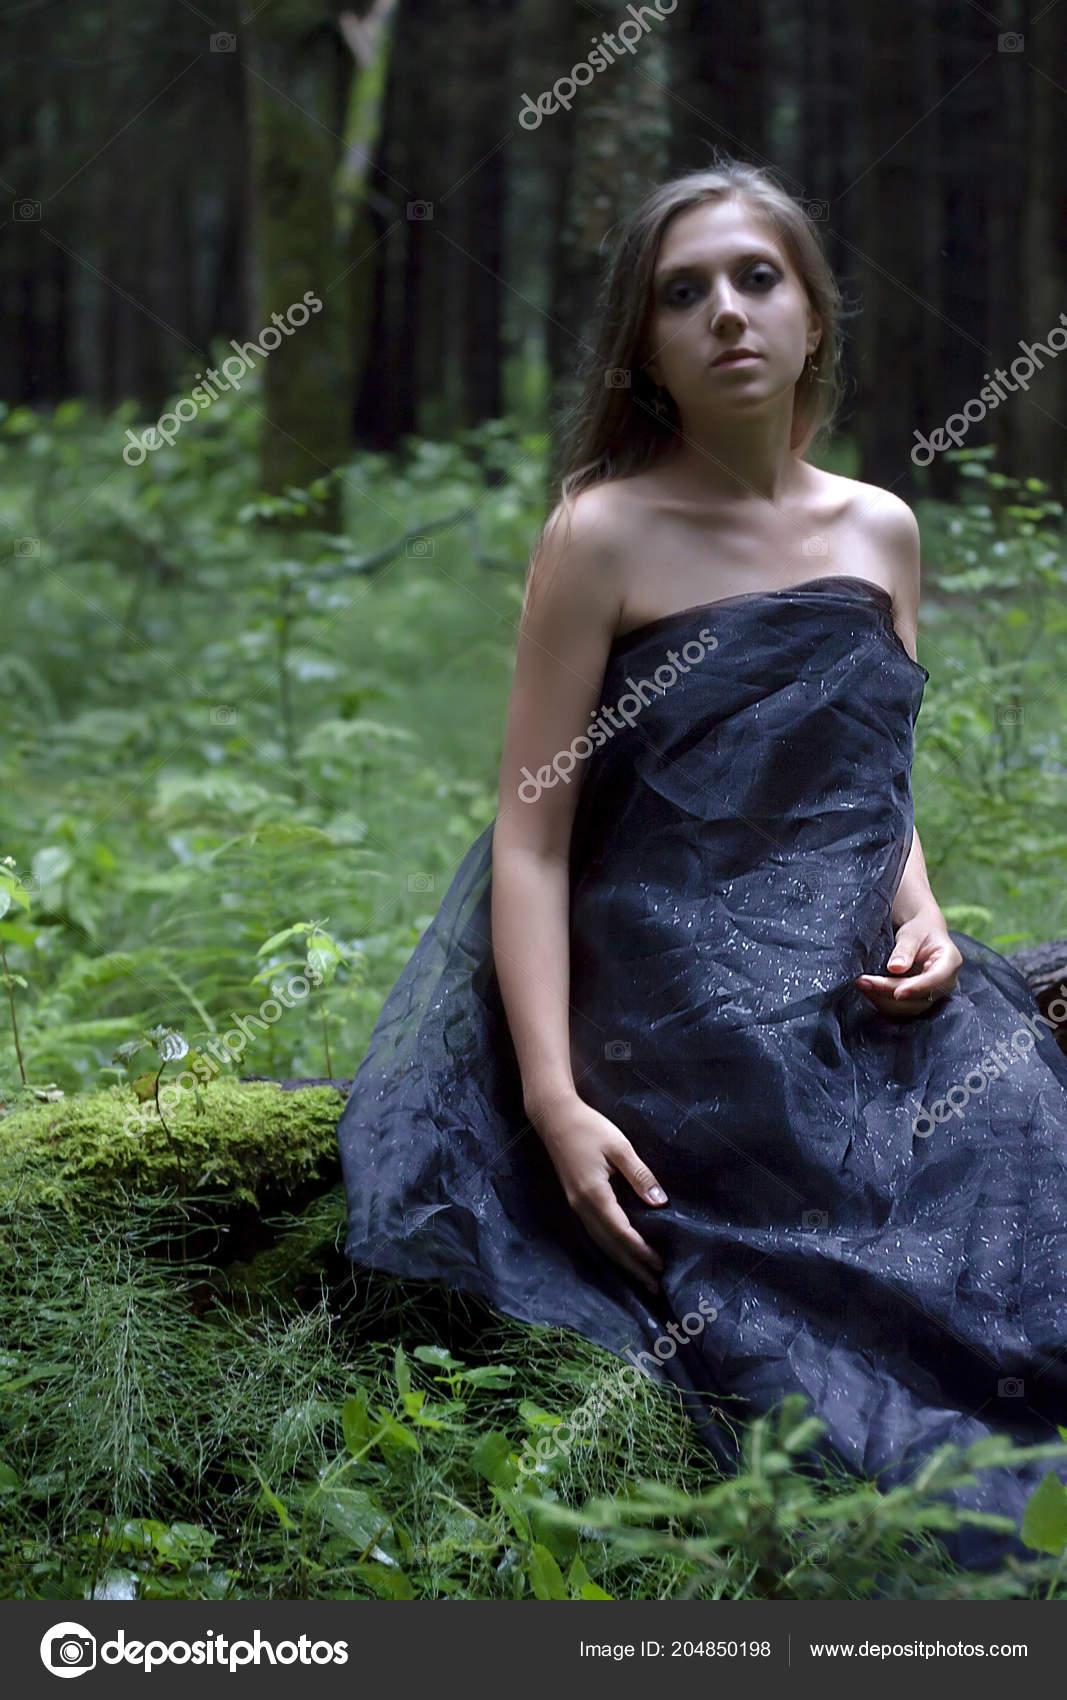 Сексуальная ведьма гуляет по лесу